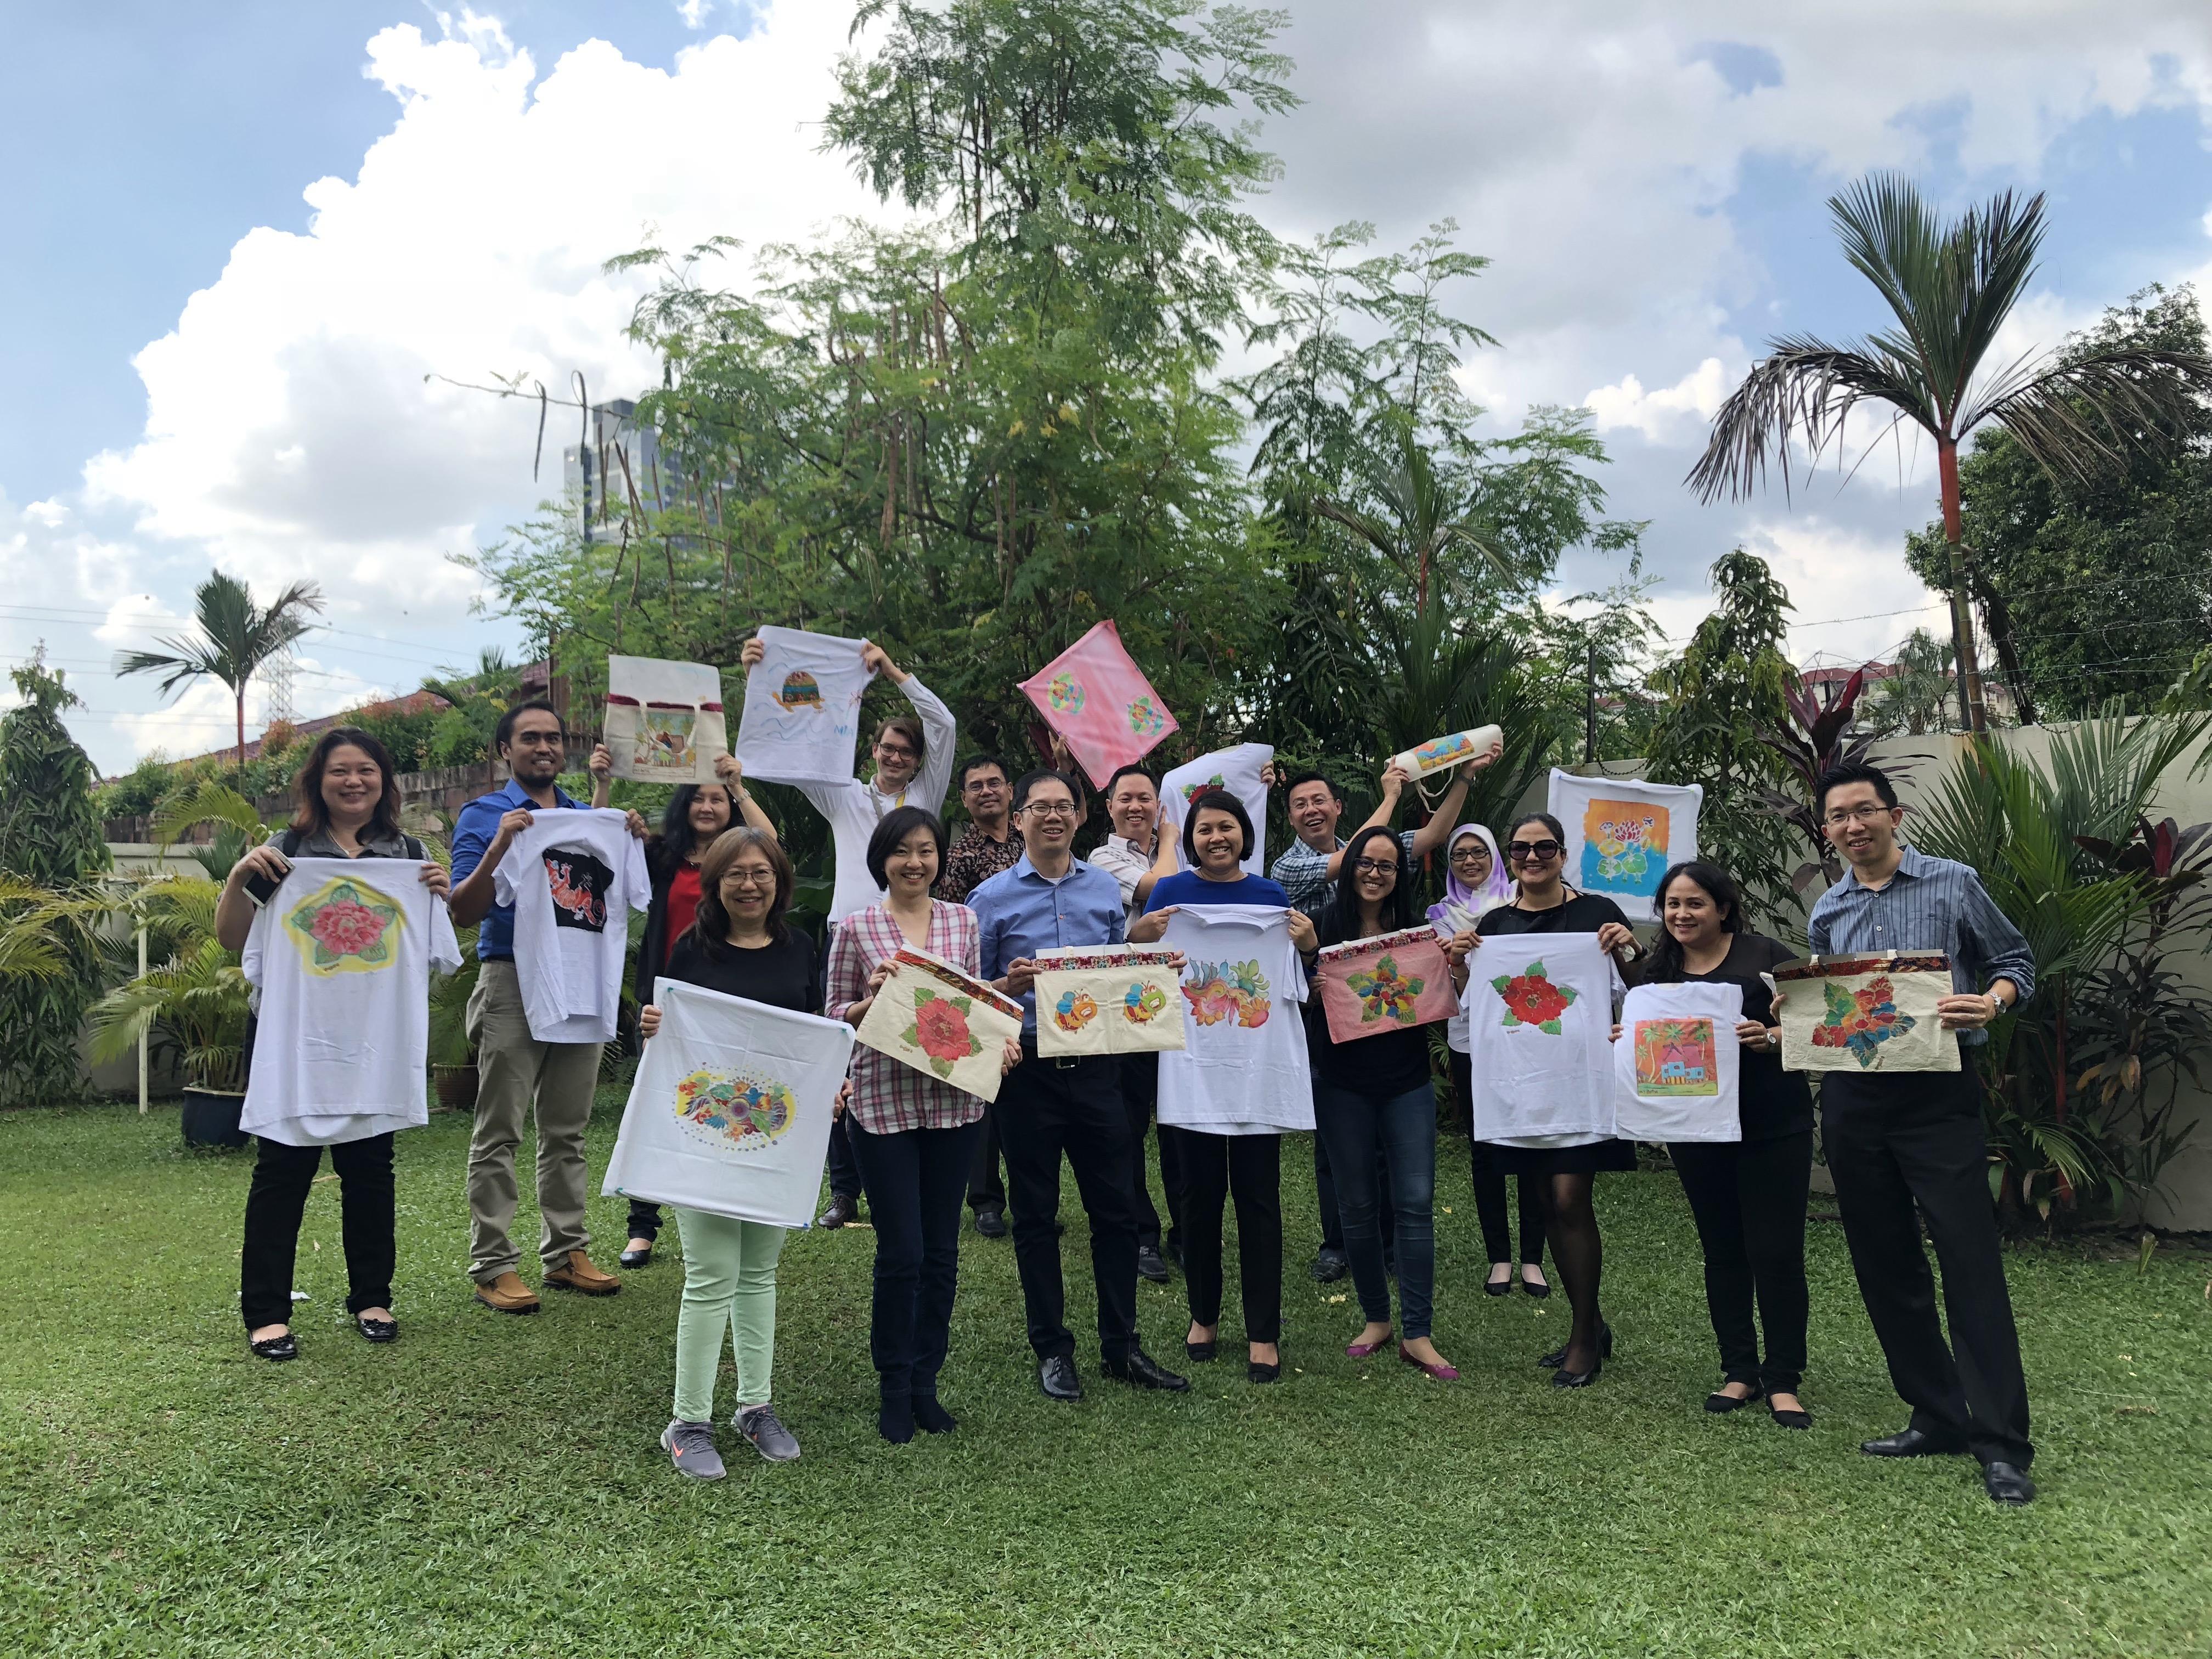 Adults Art Class Batik Outing Corporate Team Building Malaysian Batik myBatik  Kuala Lumpur myBatik Workshop Painting Lesson School Field Trip e059da8d05